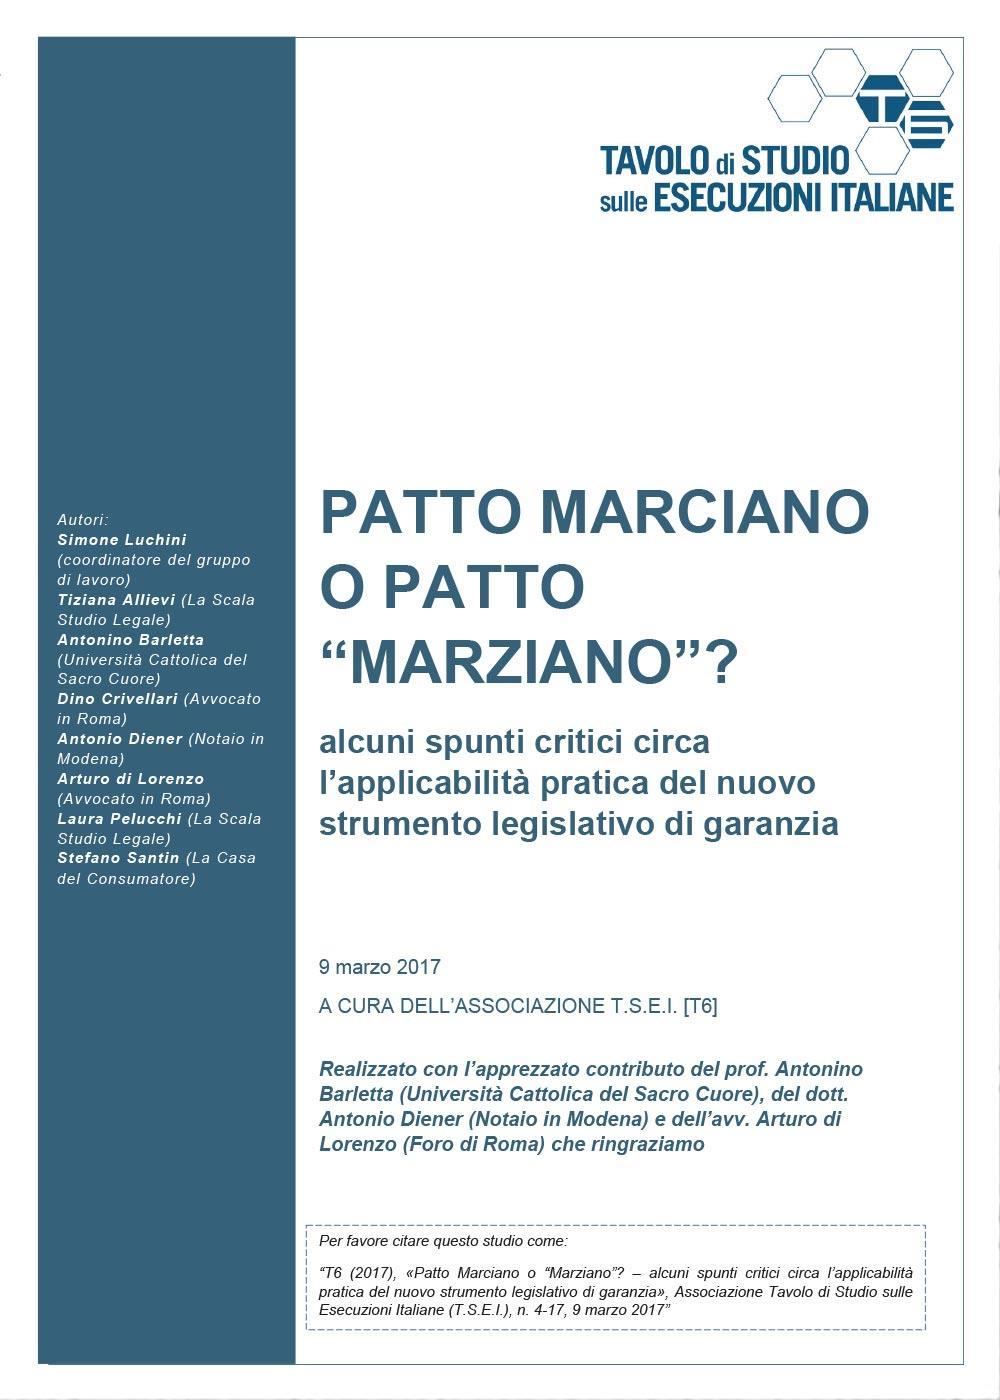 """PATTO MARCIANO O PATTO """"MARZIANO""""? Alcuni spunti critici circa l'applicabilità pratica del nuovo strumento legislativo di garanzia"""